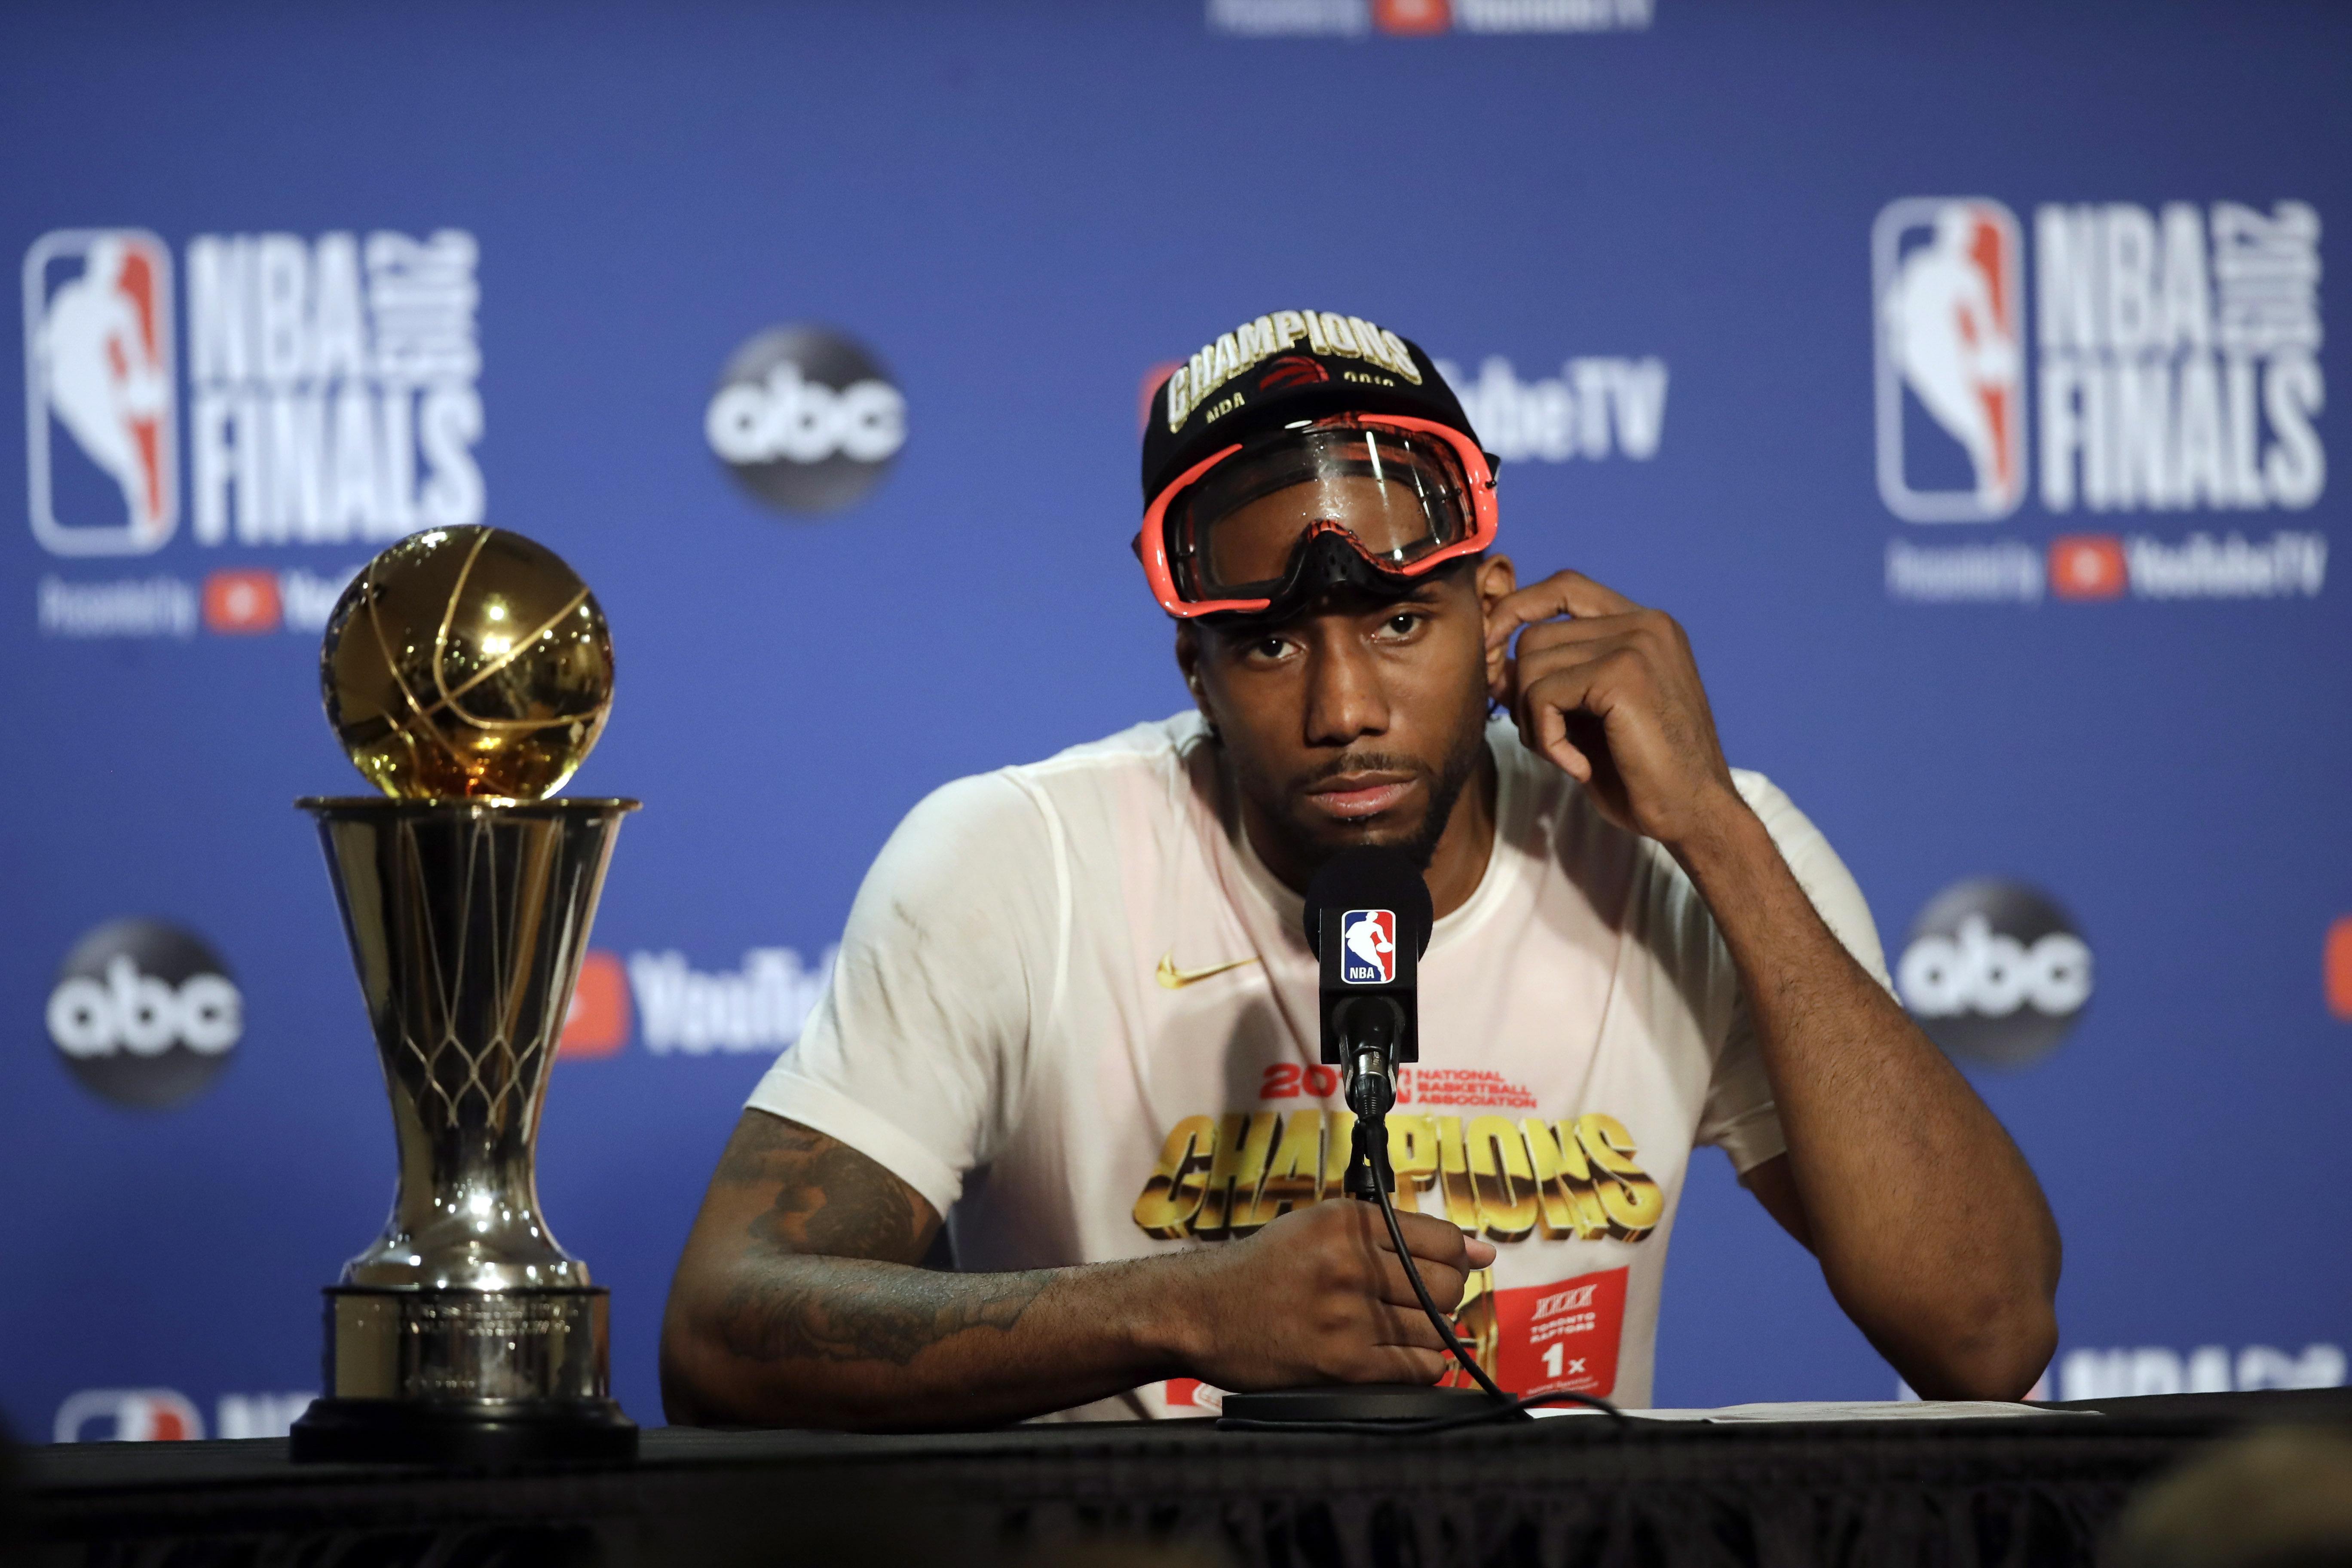 7ed56de8660 King of the North: Raptors' Kawhi Leonard named NBA Finals MVP | CTV ...